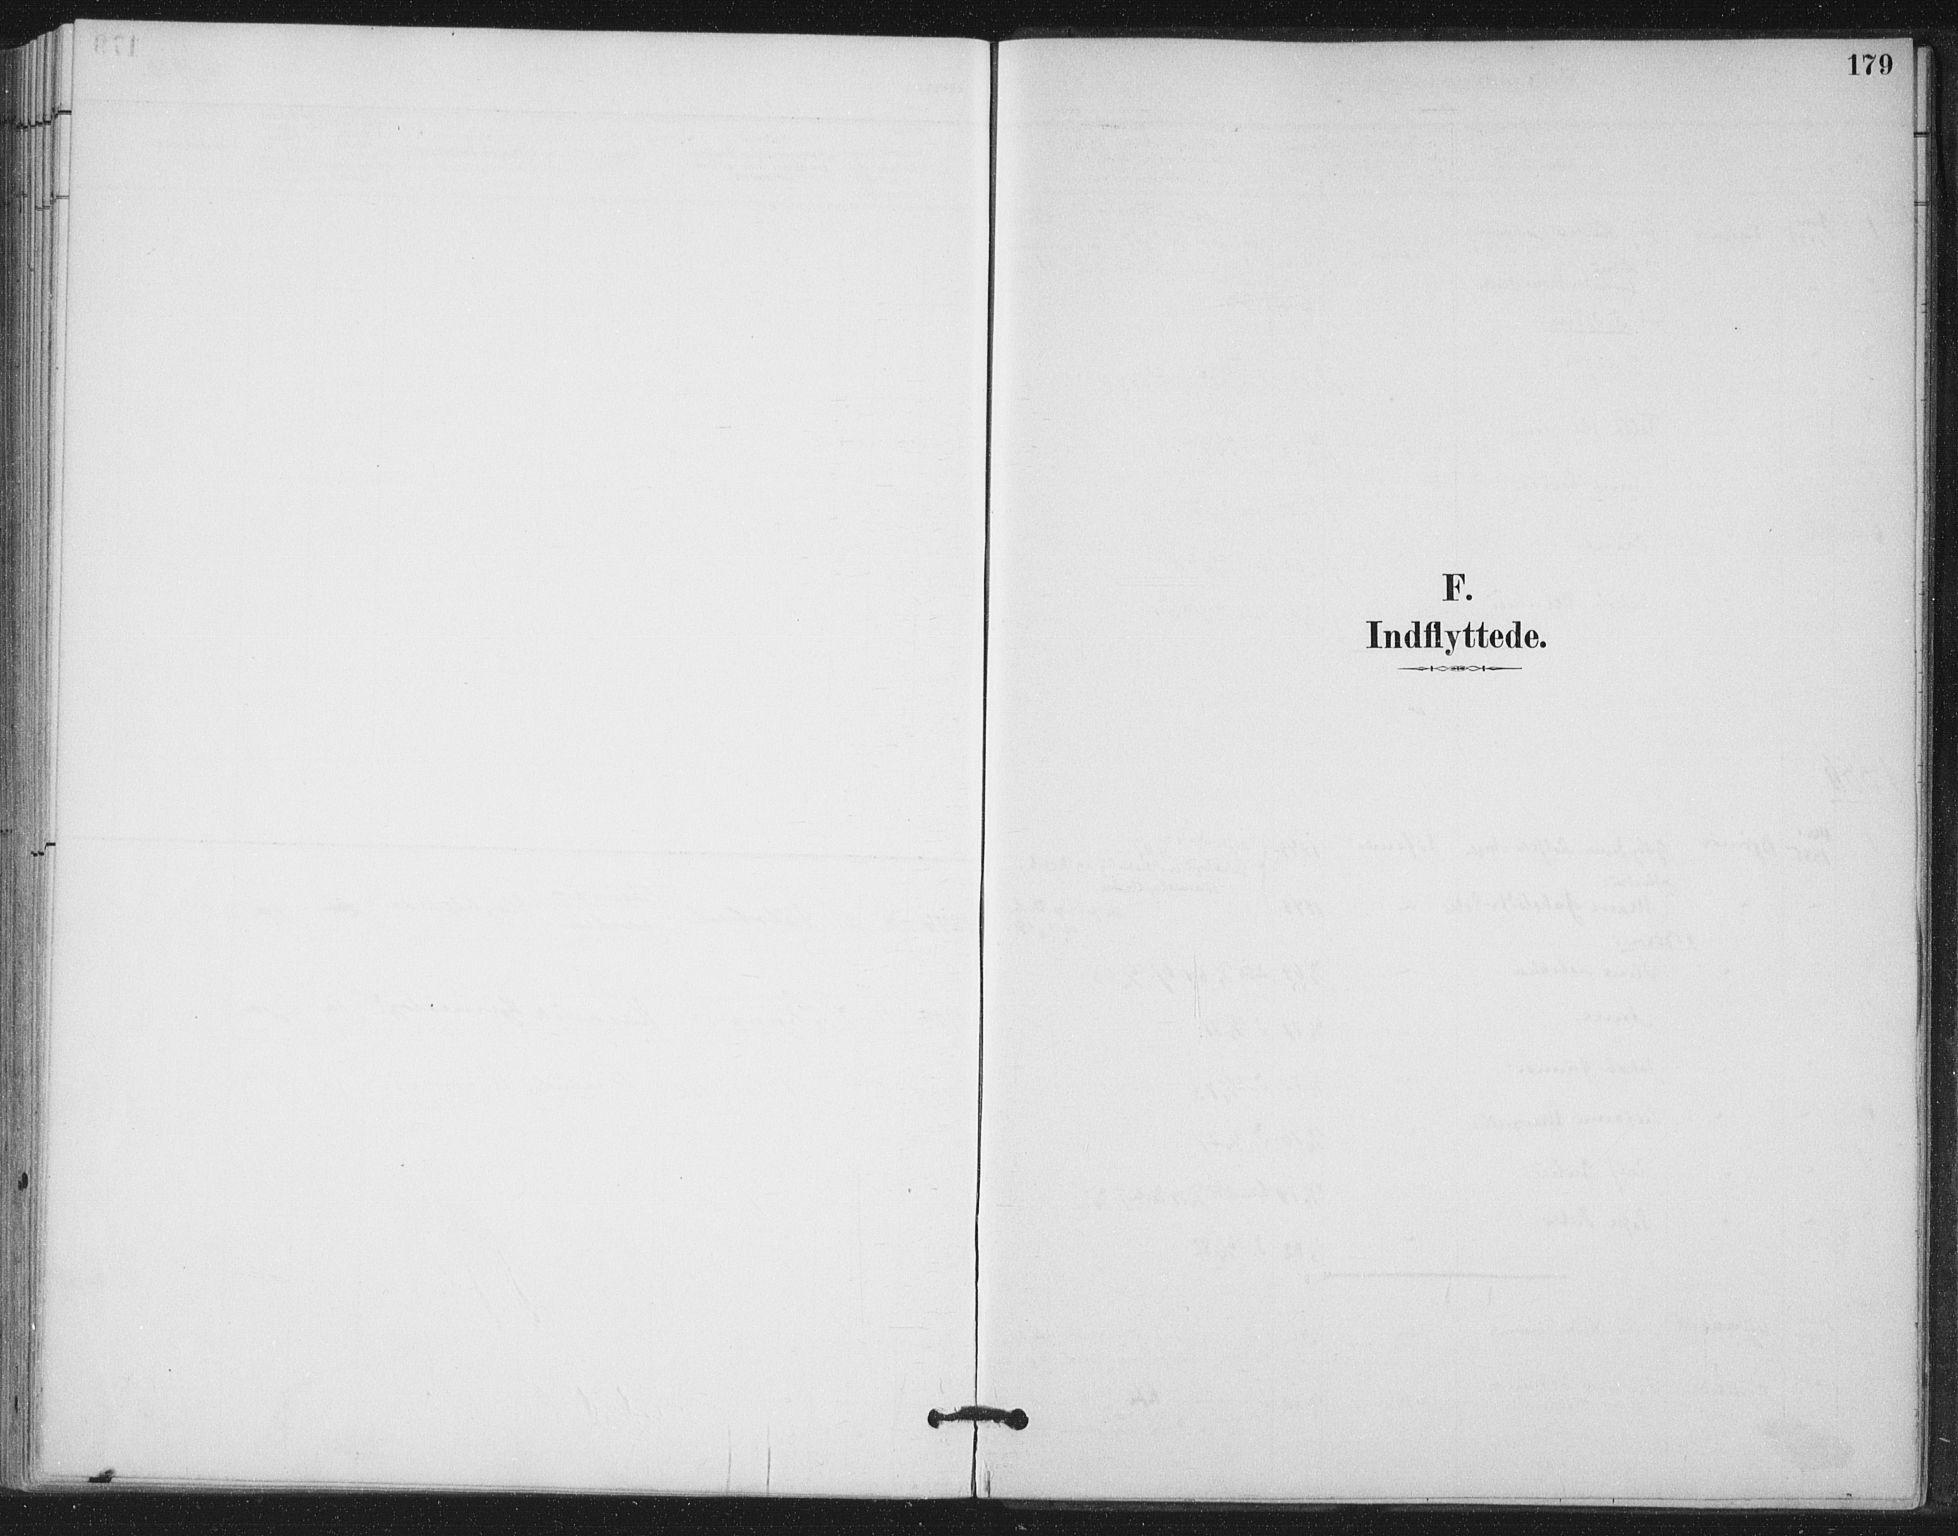 SAT, Ministerialprotokoller, klokkerbøker og fødselsregistre - Nord-Trøndelag, 772/L0603: Ministerialbok nr. 772A01, 1885-1912, s. 179